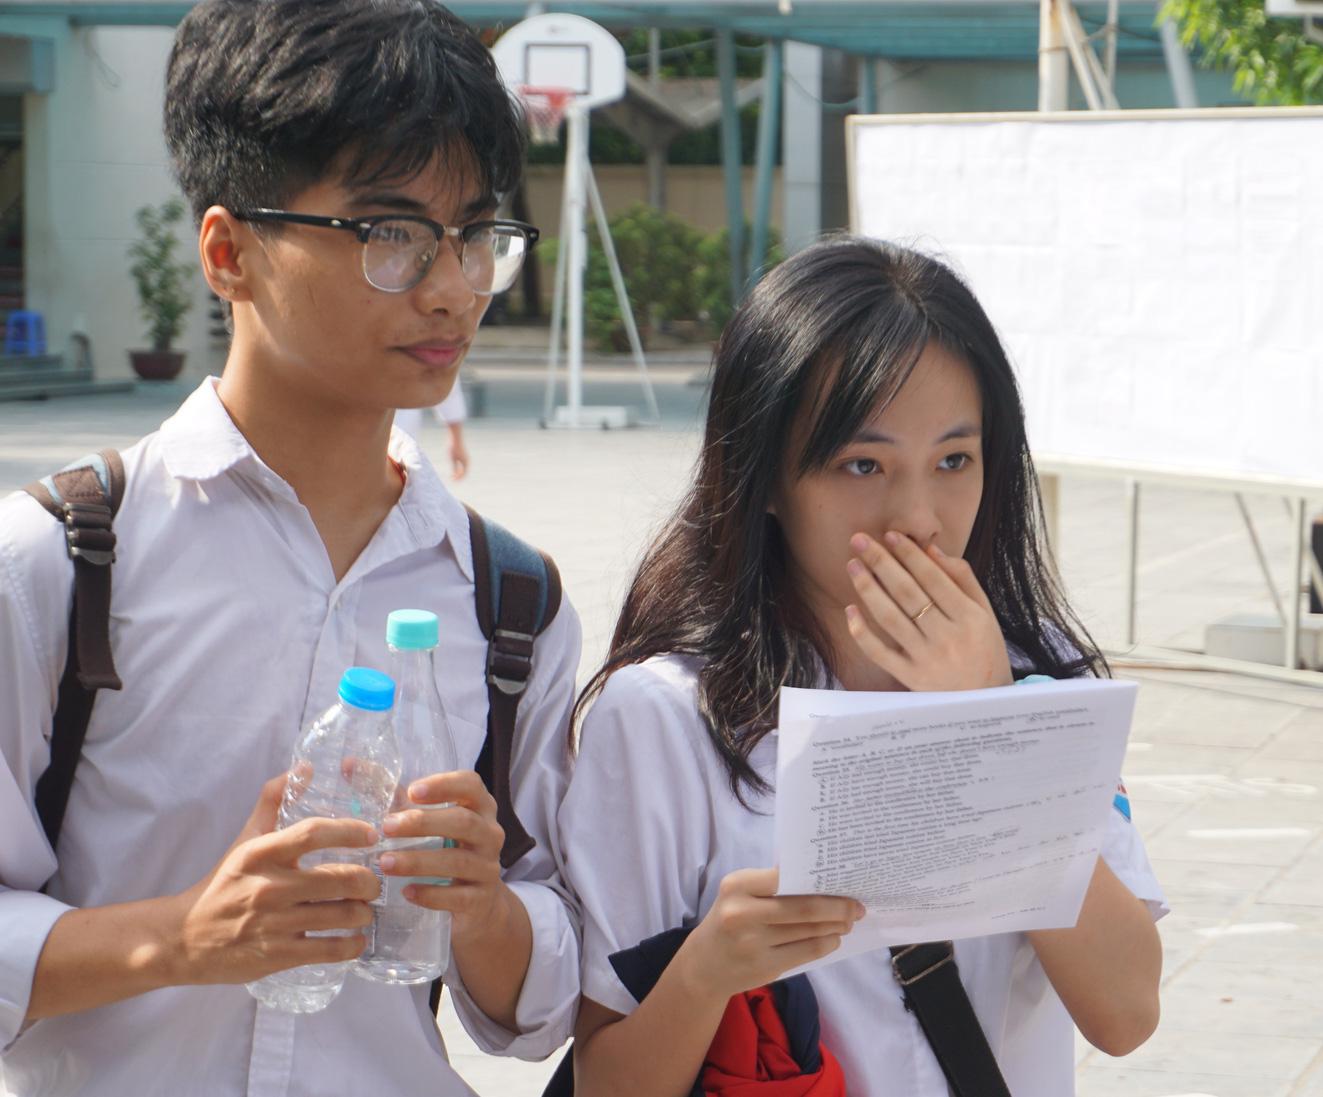 Đề chuyên Ngữ văn thi vào lớp 10 tại Hà Nội: Thời sự nhưng chưa hấp dẫn, dễ có nhiều nhiều điểm 6 - Ảnh 2.